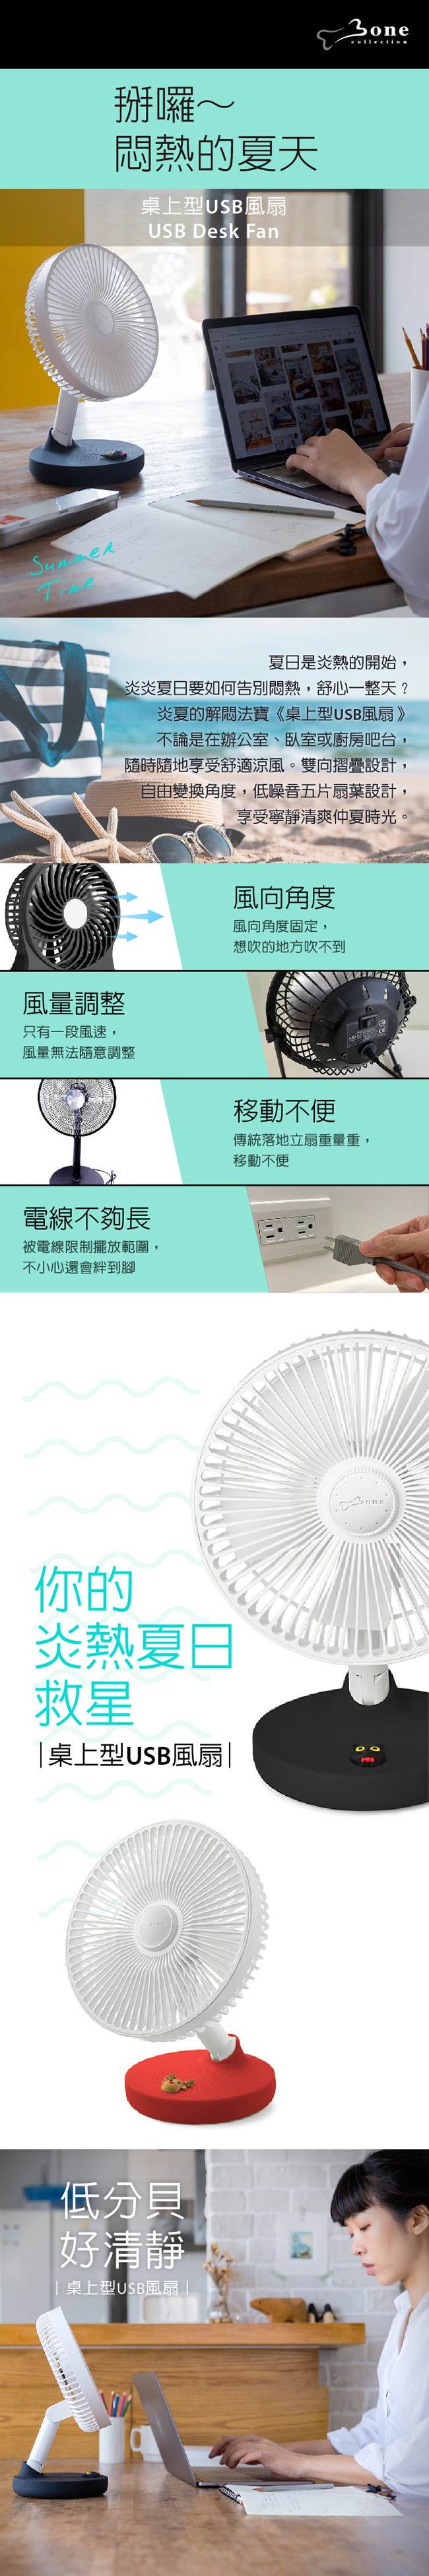 Bone|桌上型USB風扇 / USB Desk Fan - 熊抱哥